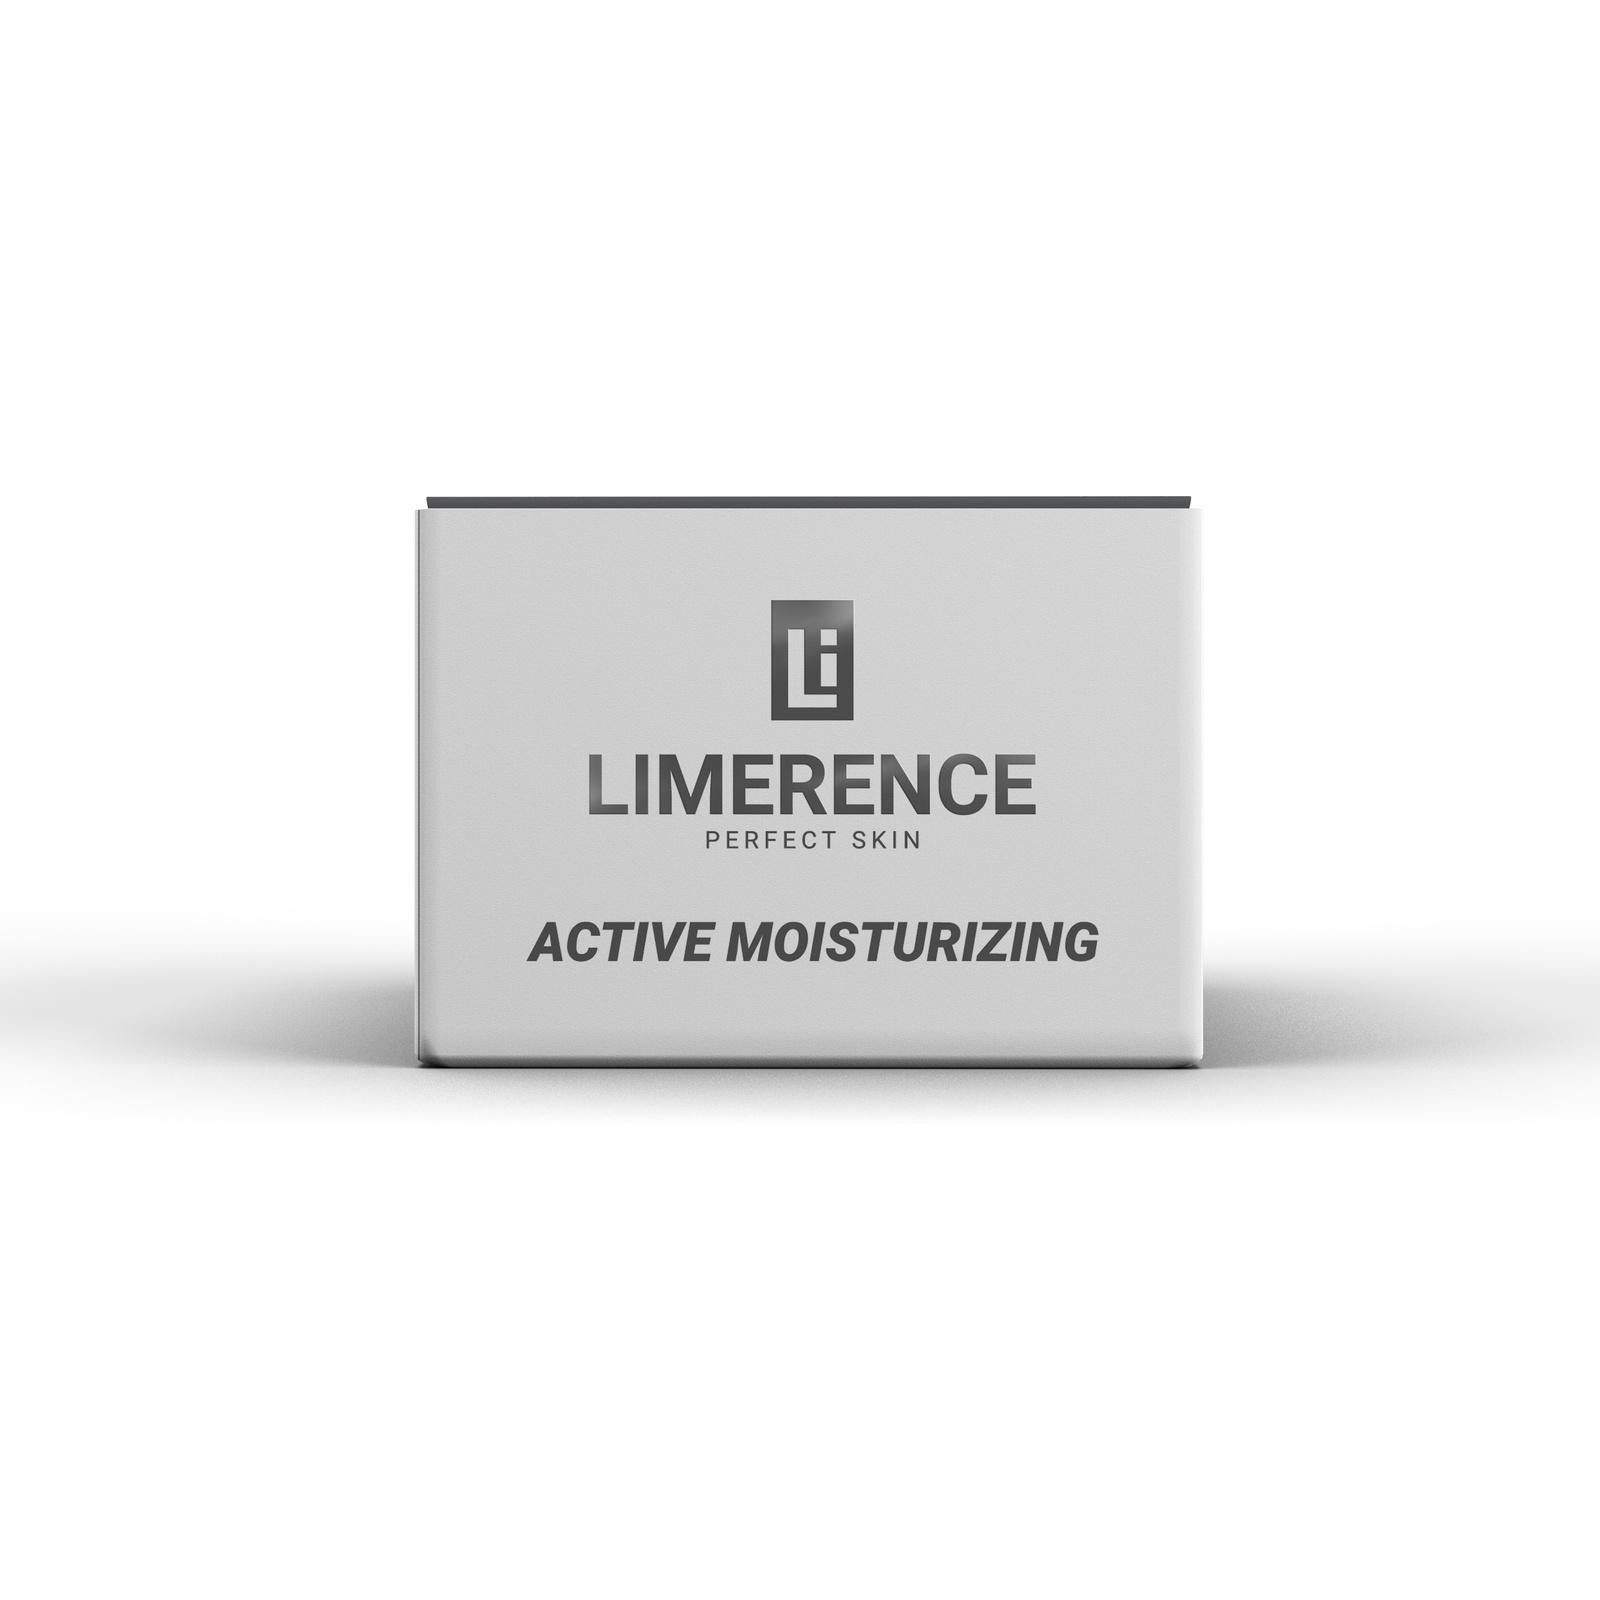 Limerence Подтягивающий крем для лица против первых морщин Active Moisturizing, 50 мл против первых морщин